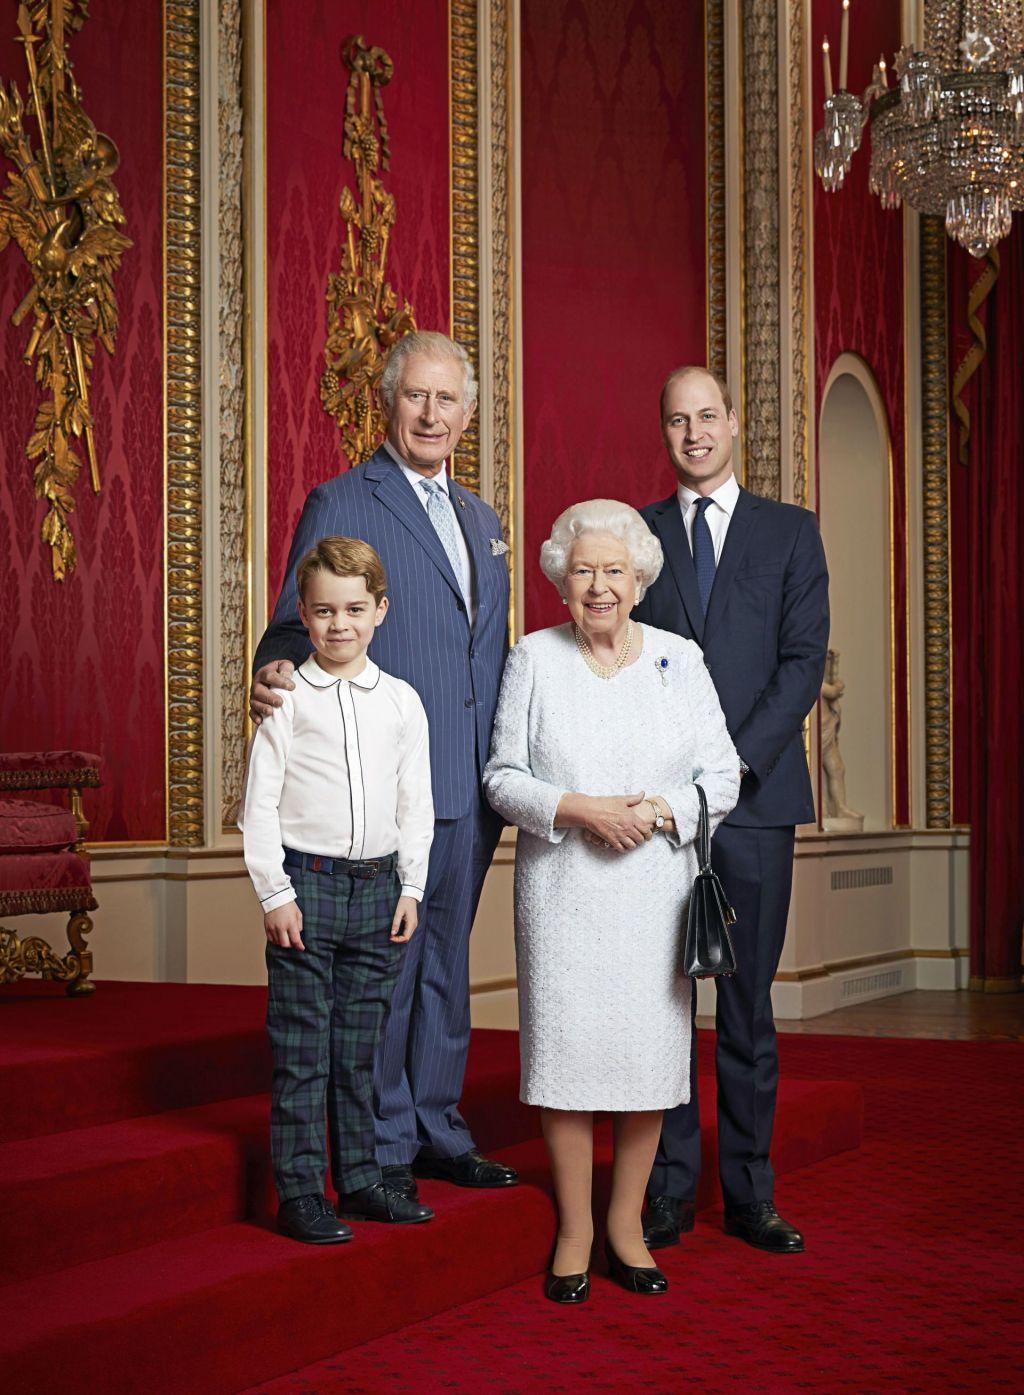 Nov portret britanske kraljice s prestolonasledniki